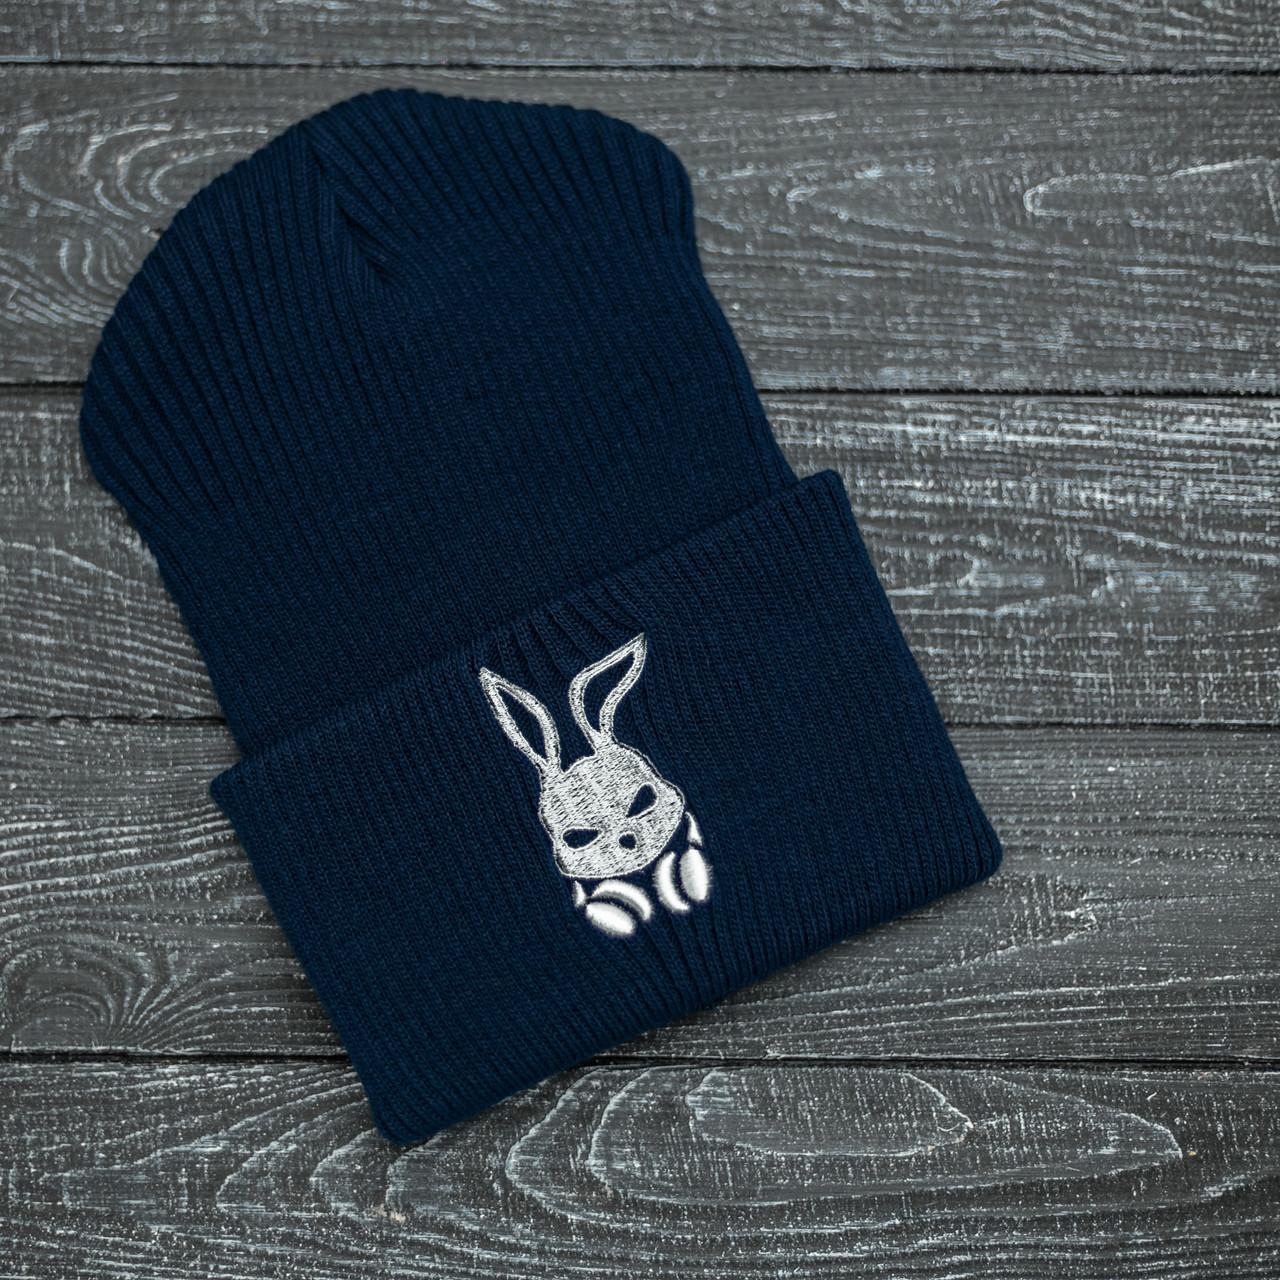 Шапка Мужская | Женская Intruder зимняя bunny logo синяя Intruder